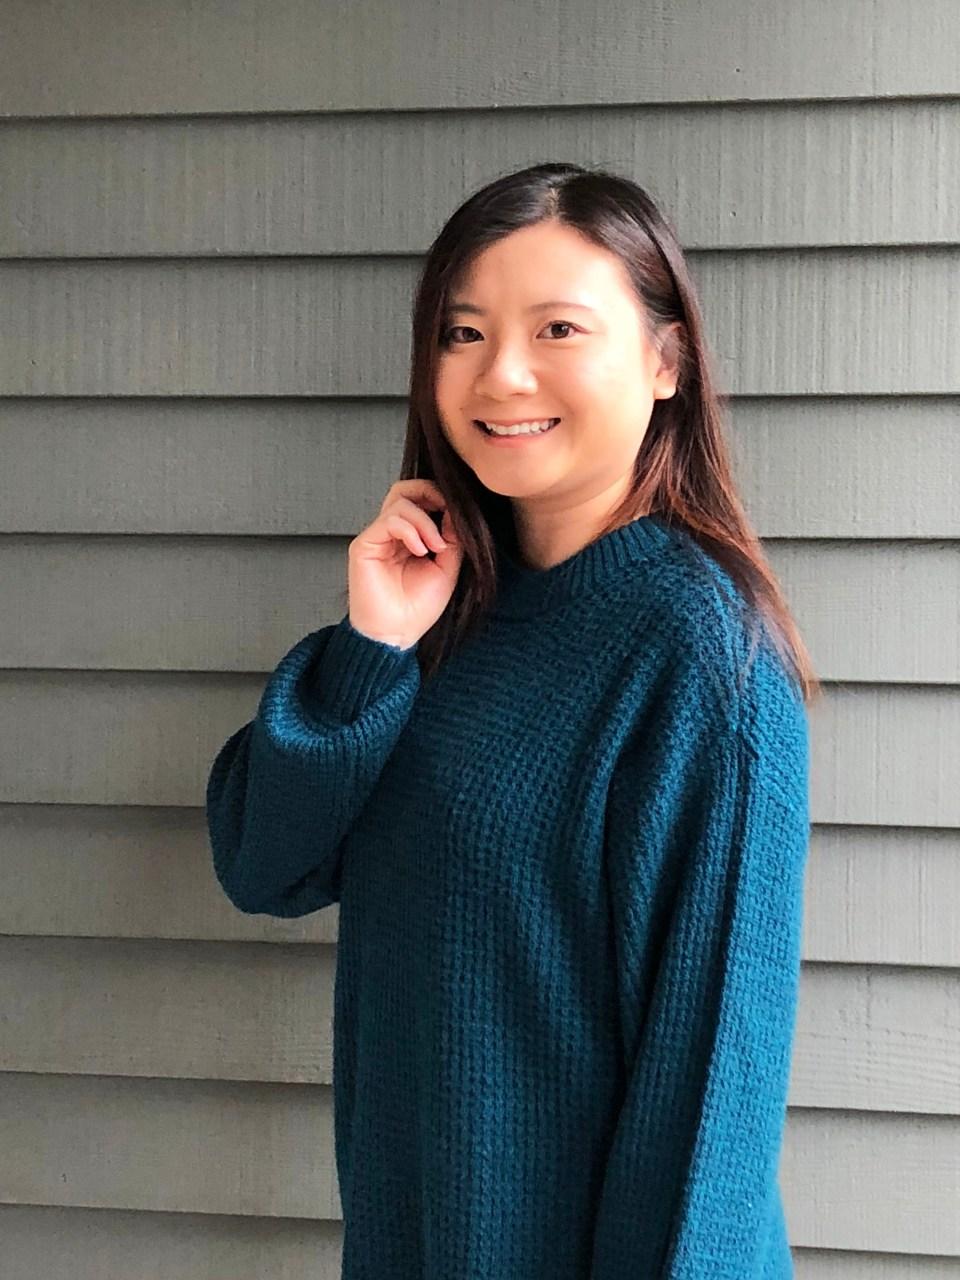 Teal Cloudspun Sweater 2